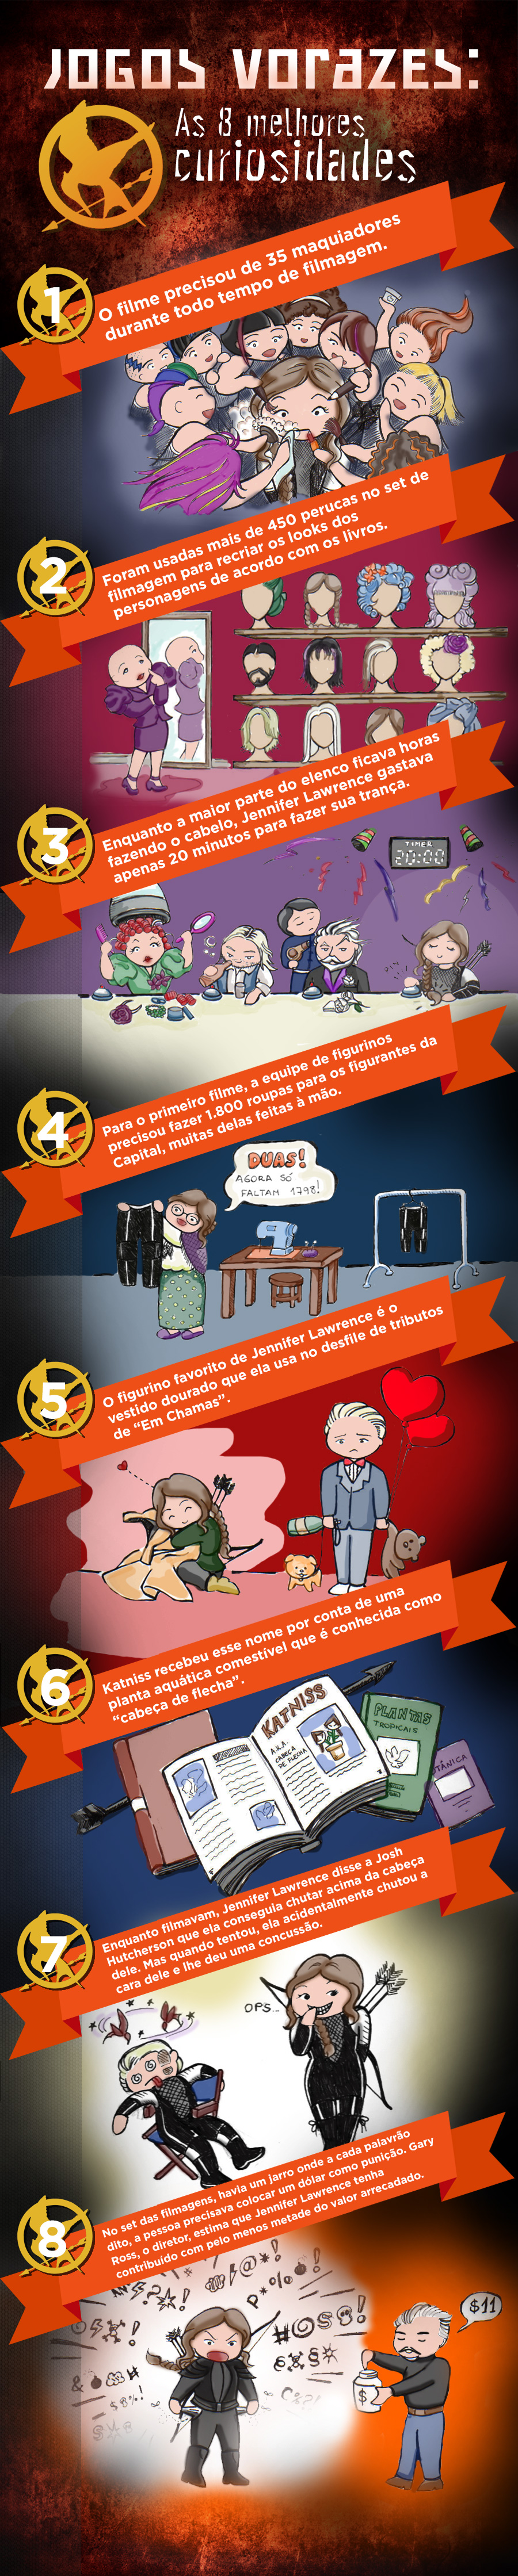 Jogos Vorazes - Curiosidades